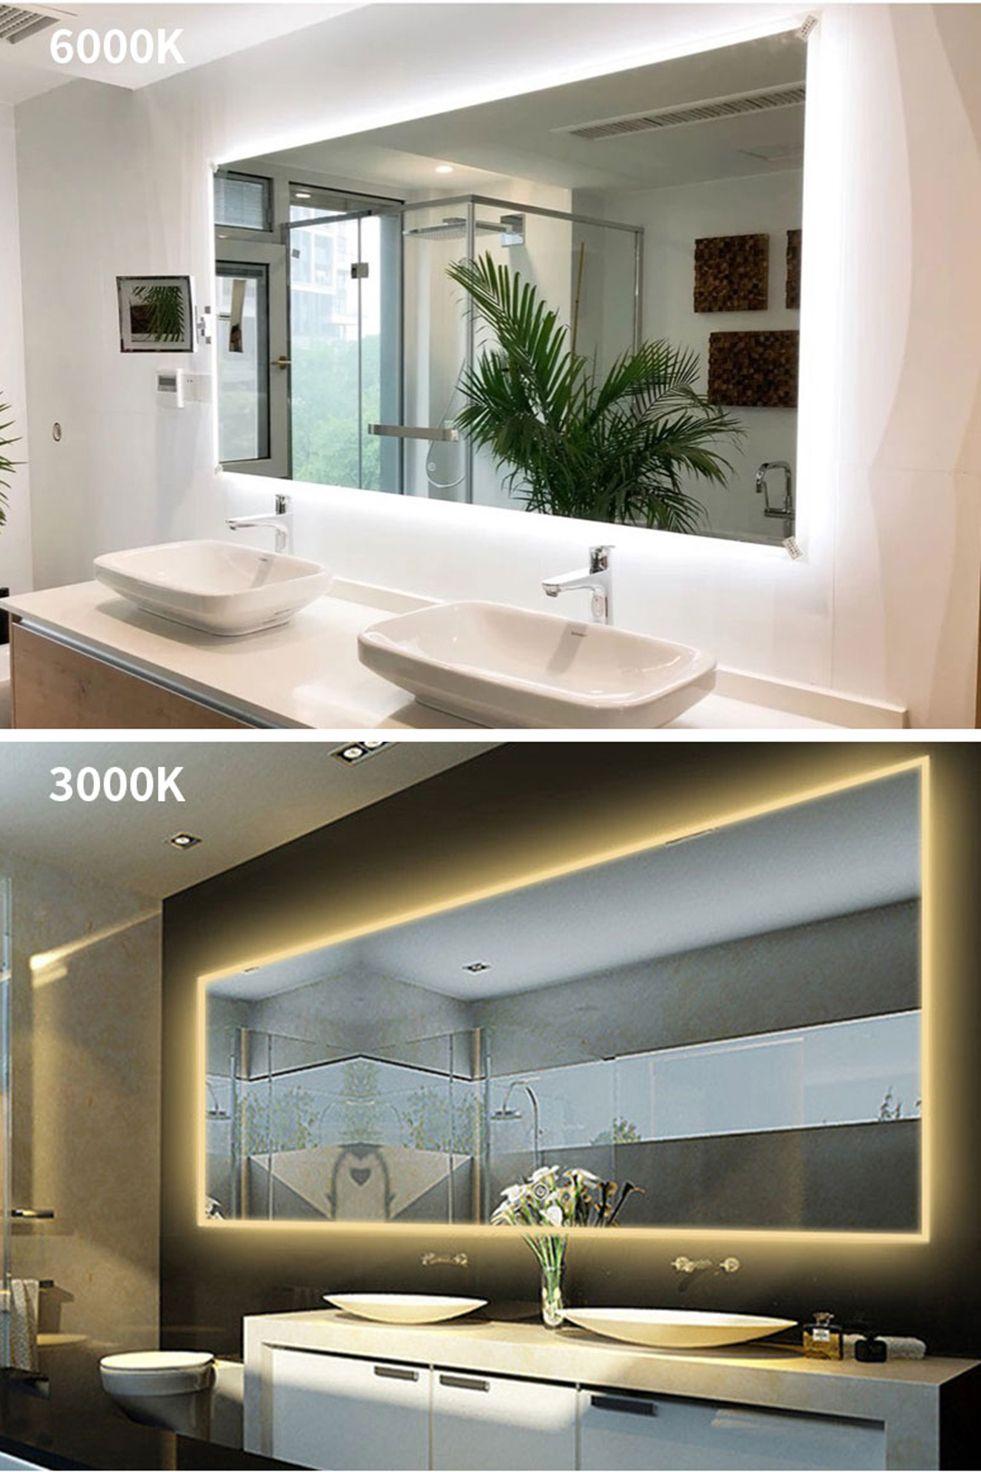 As Renewal Lane 60 Inch Led Backlit Bathroom Wall Mounted Illuminated Mirror Buy Luxury Led Bathroom Mirrors As Renewal Led Mirror Bathroom Mirror Lights Led Mirror Bathroom Led Mirror